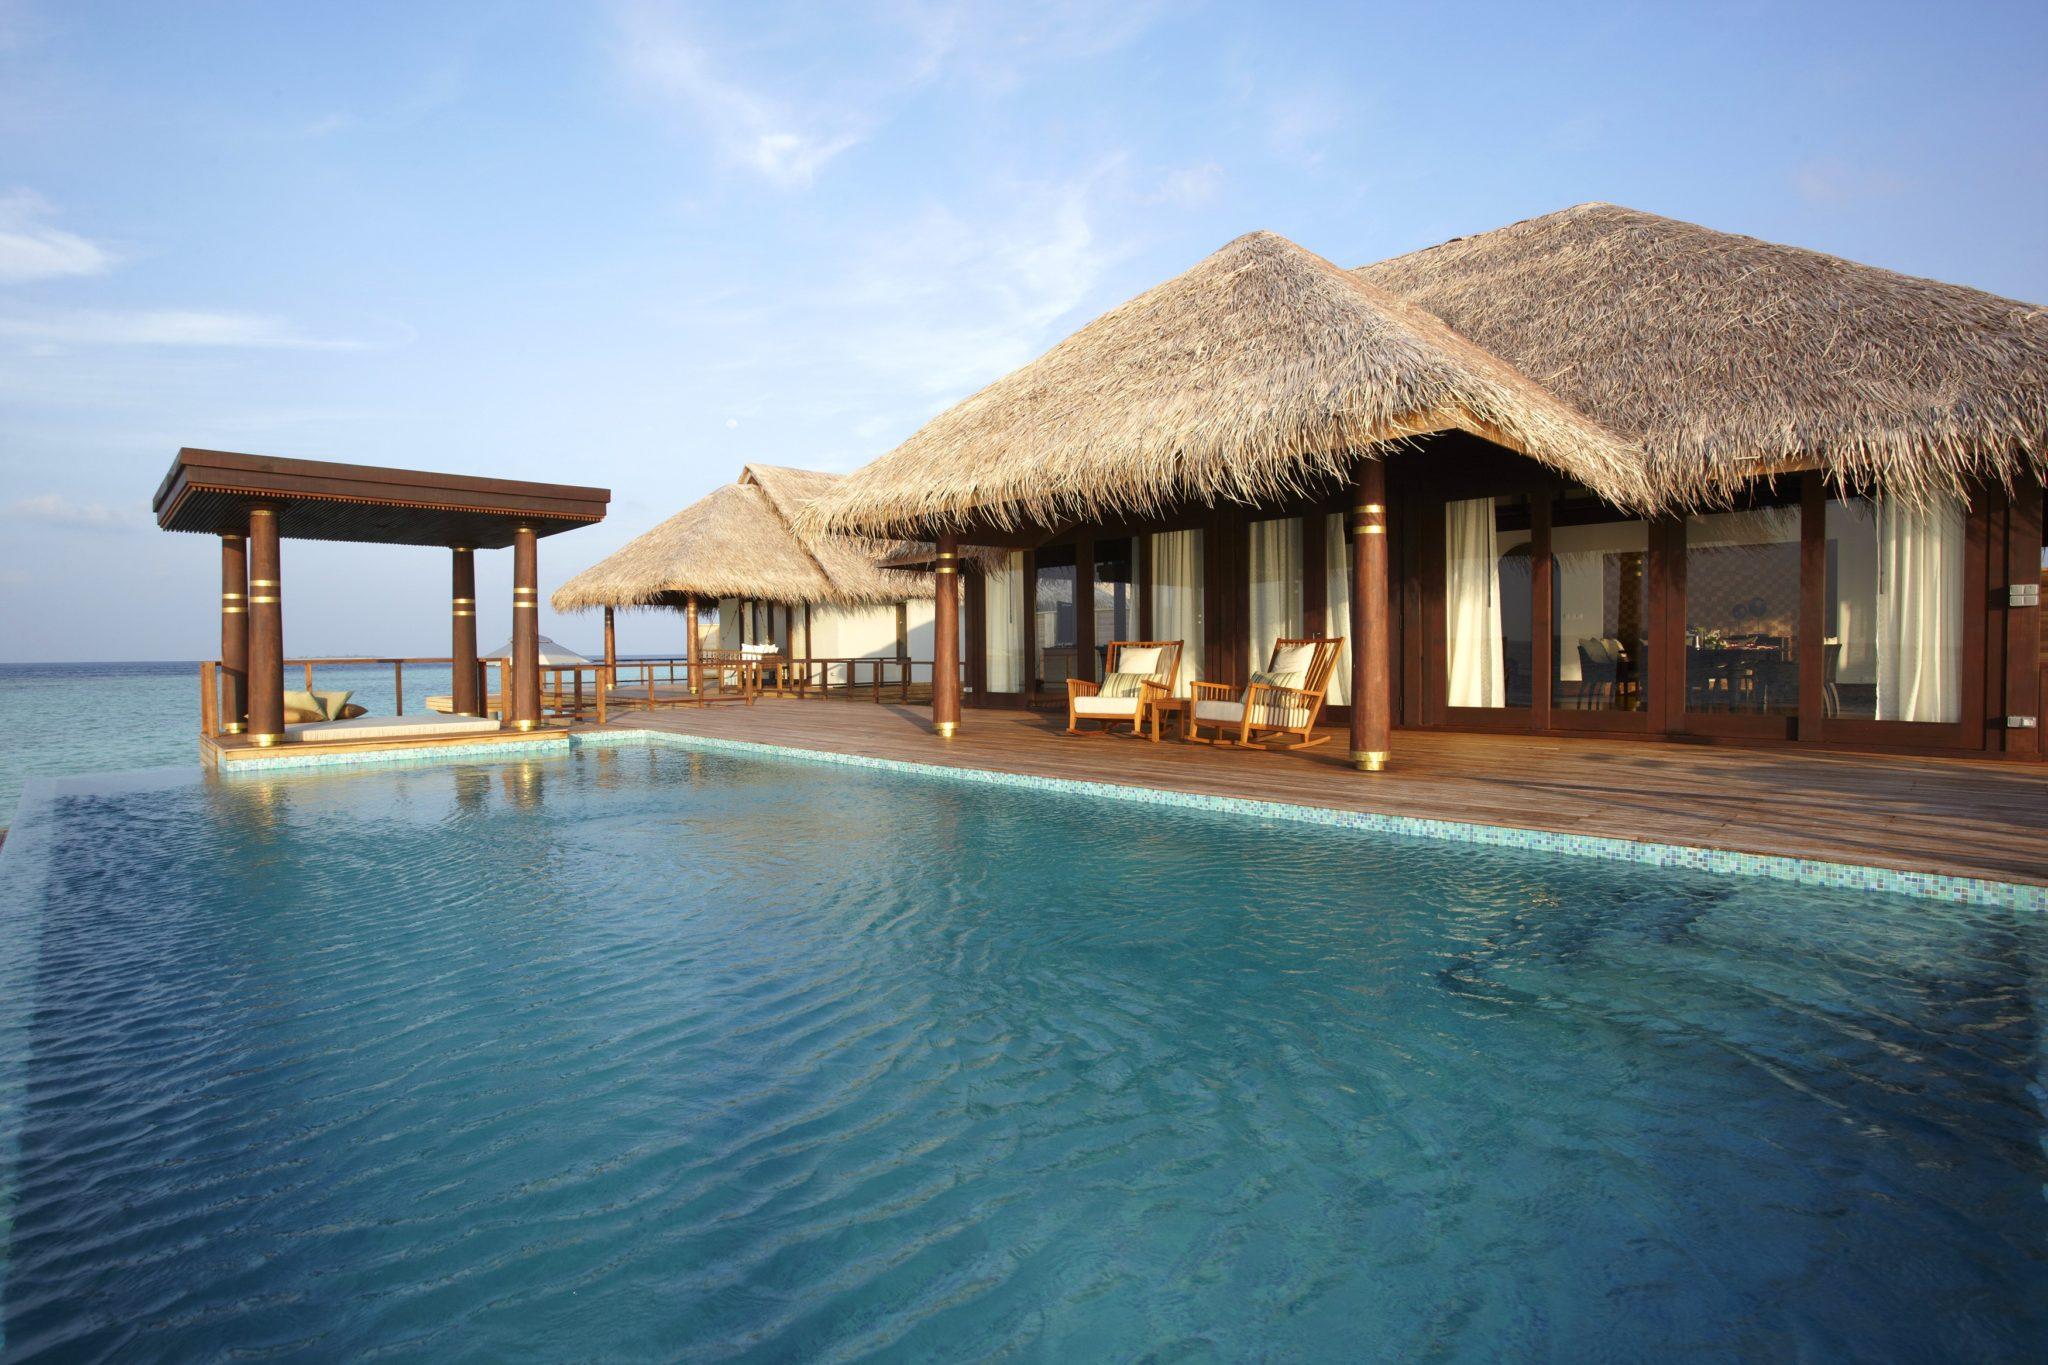 Anantara kihavah villas maldives infinity pools for Villas with infinity pools